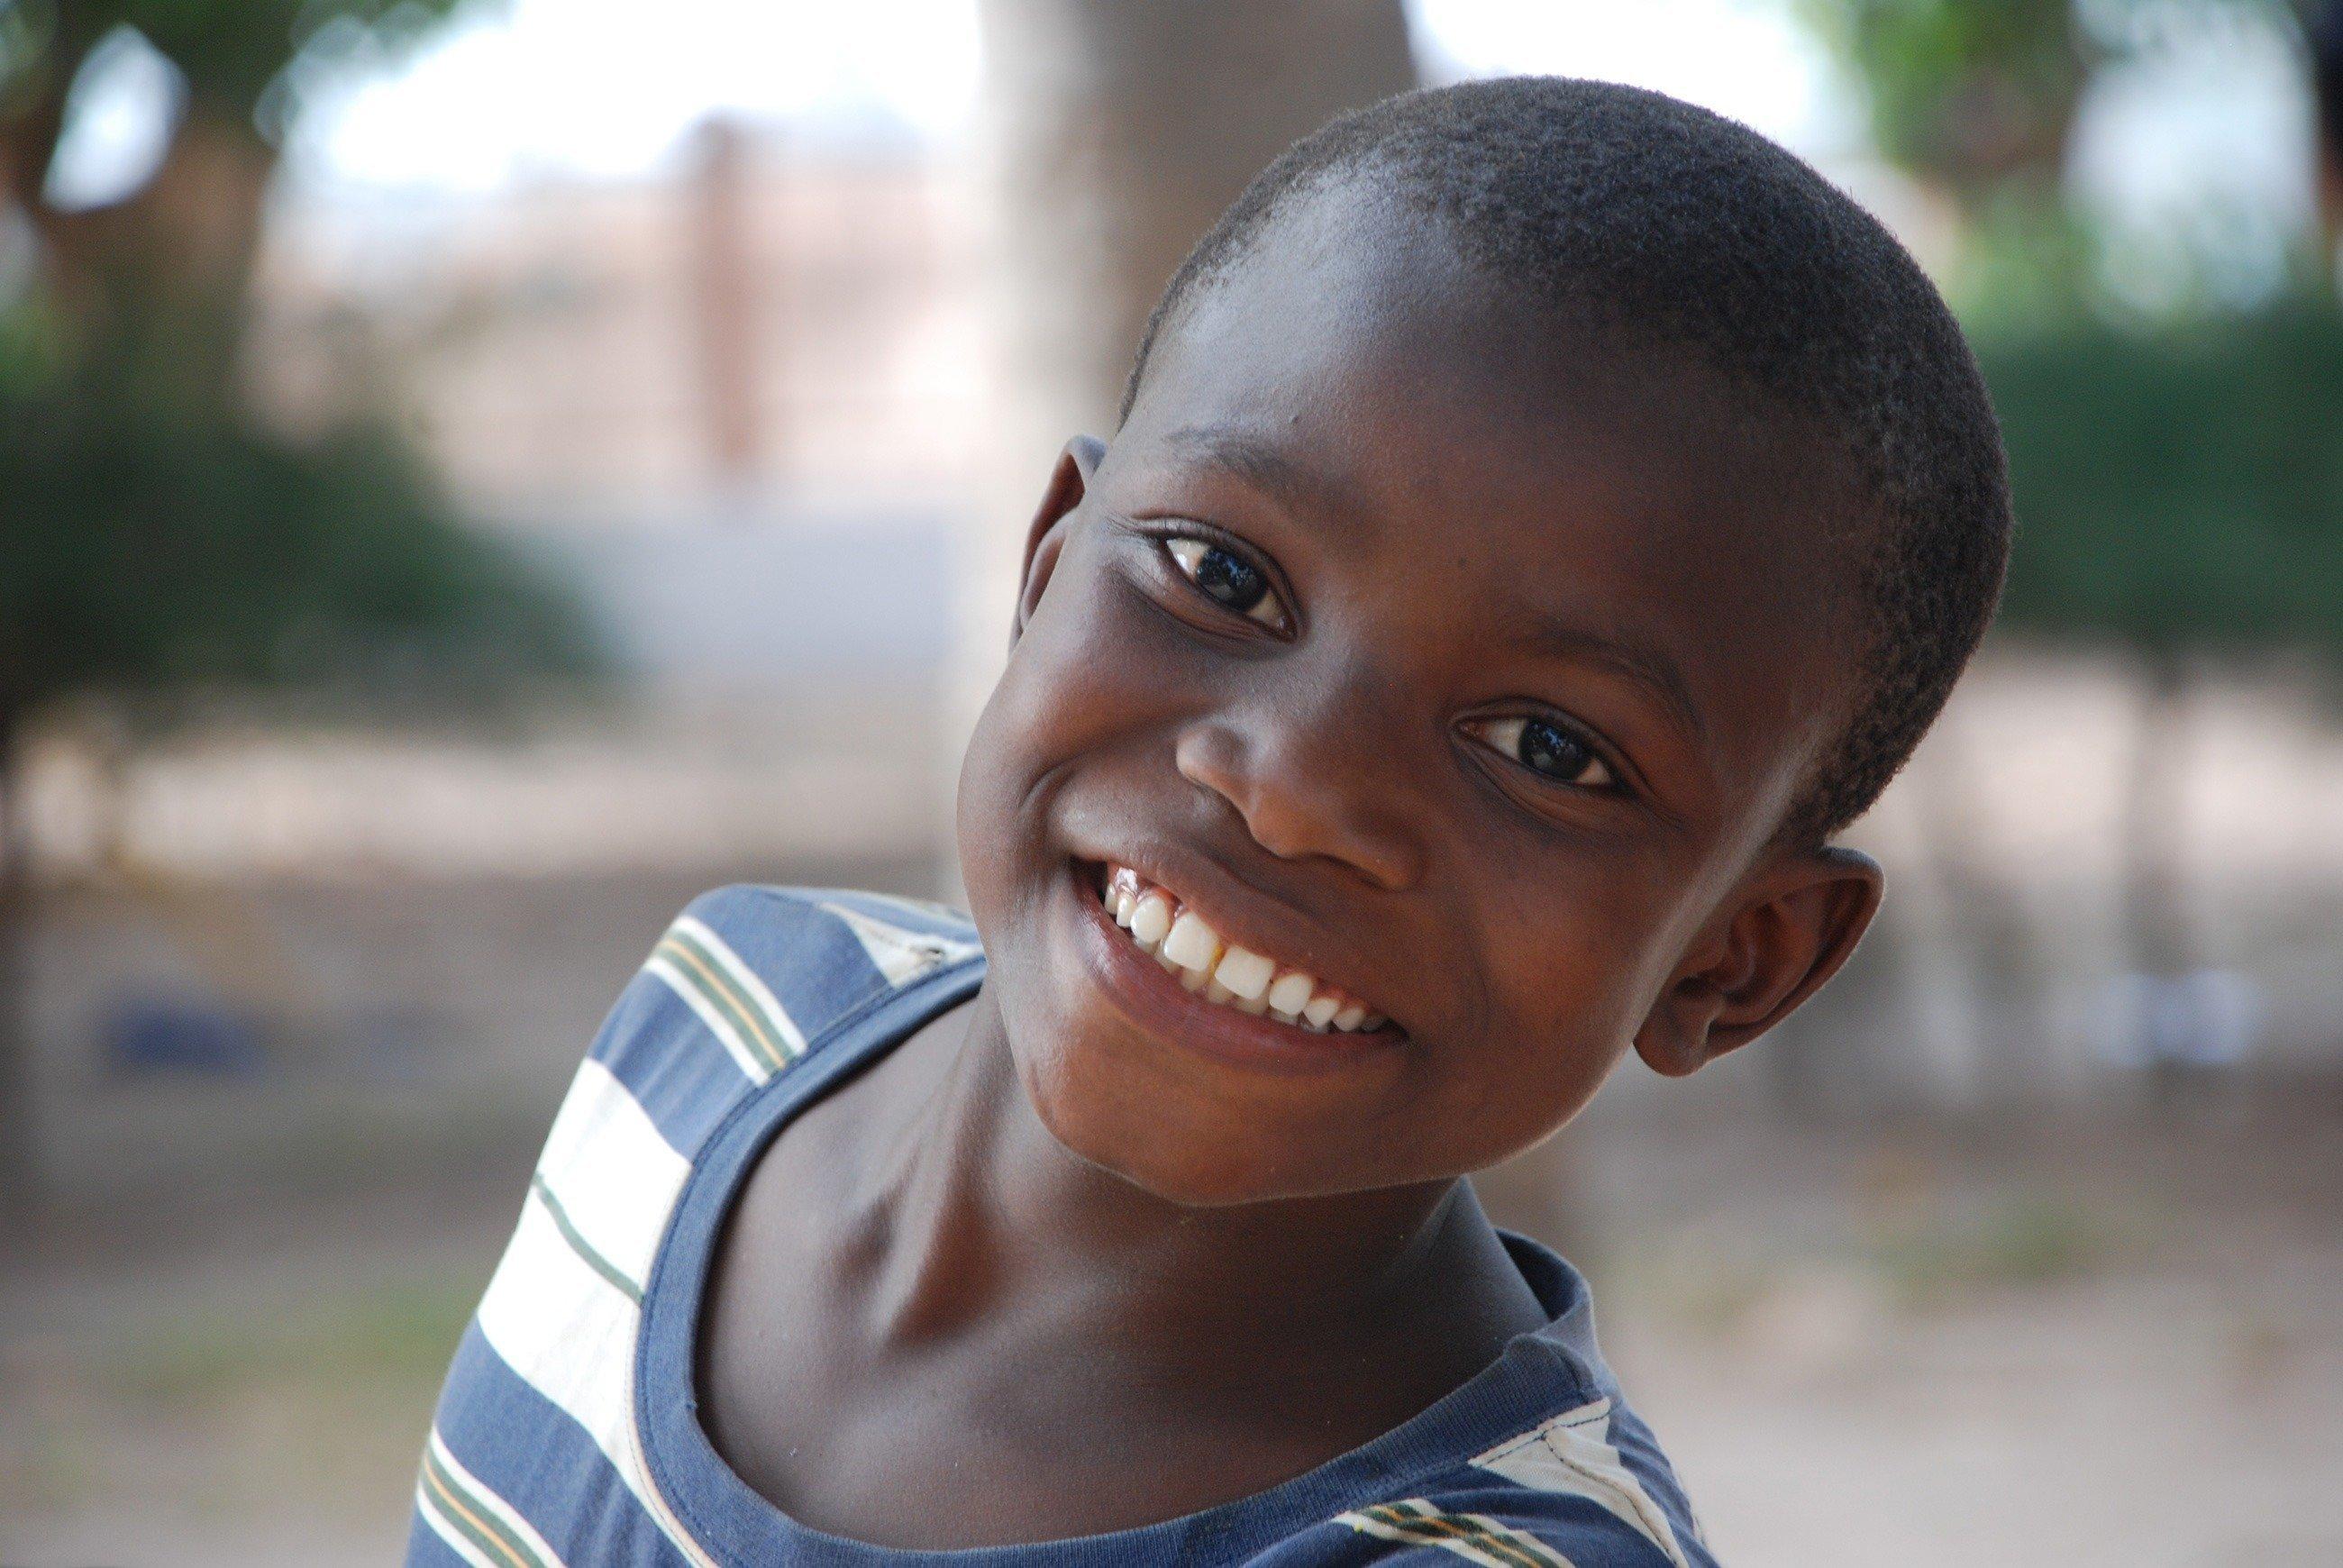 Ein fröhlicher Junge grinst in die Kamera.